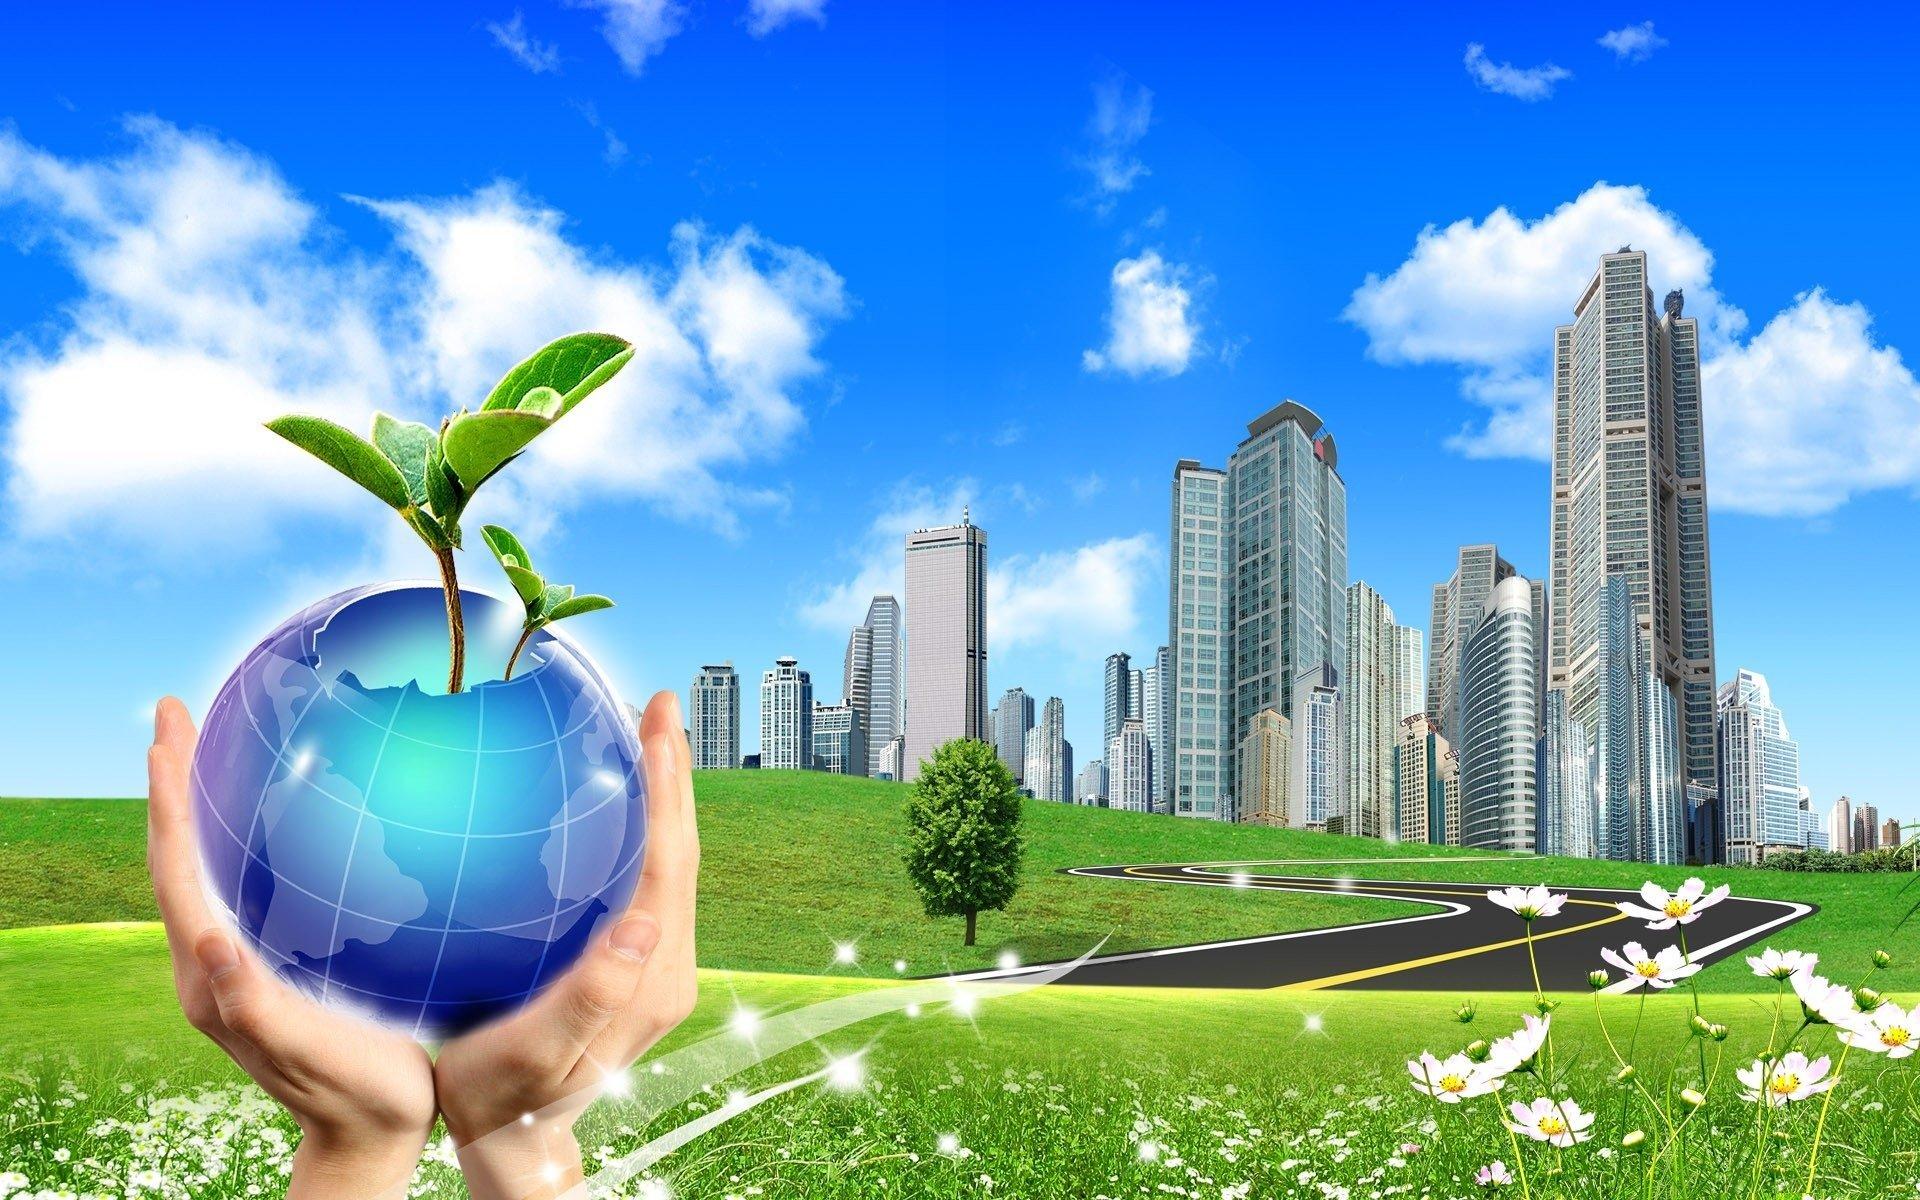 Обучение по охране окружающей среды и обеспечению экологической безопасности